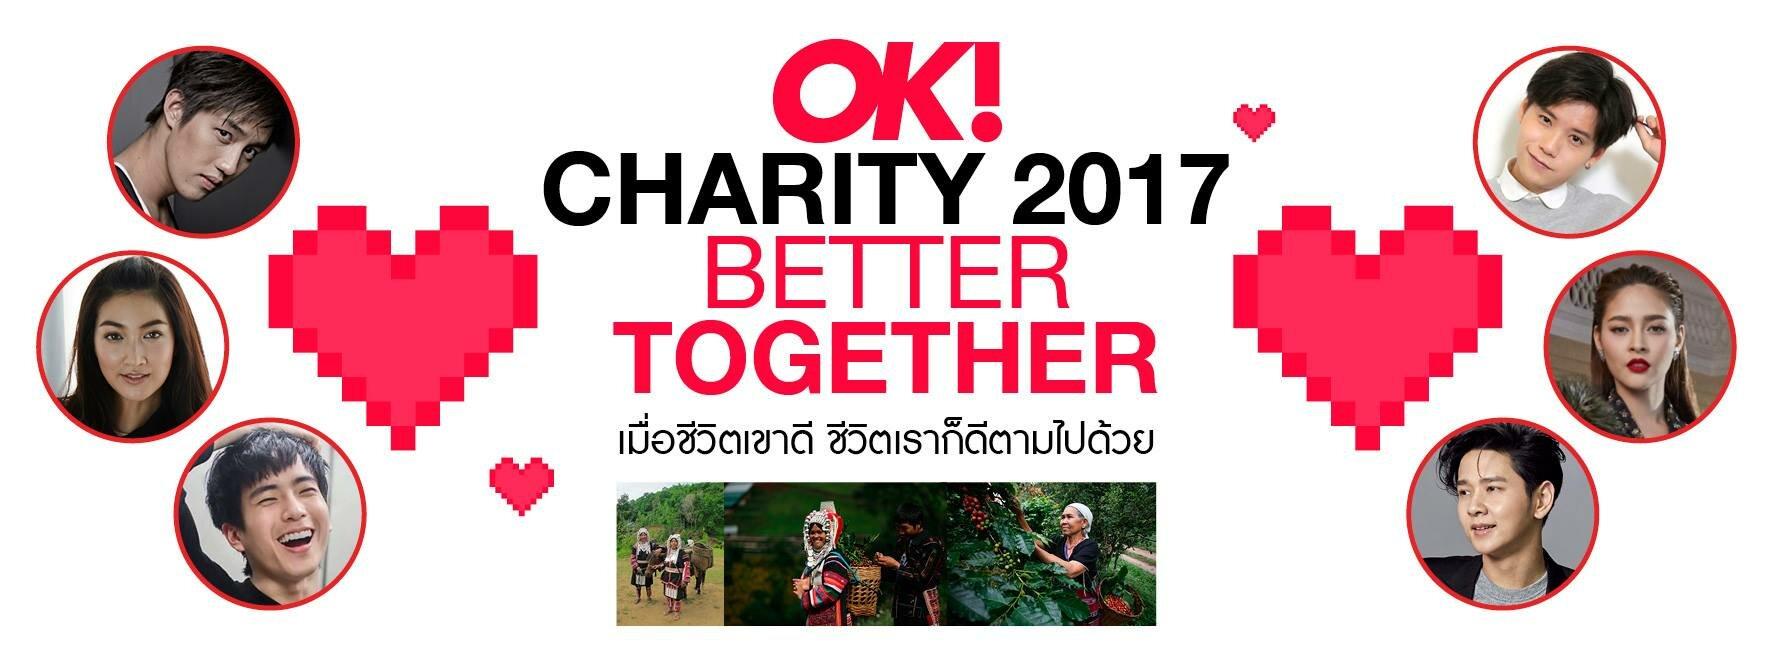 ok! charity 2017